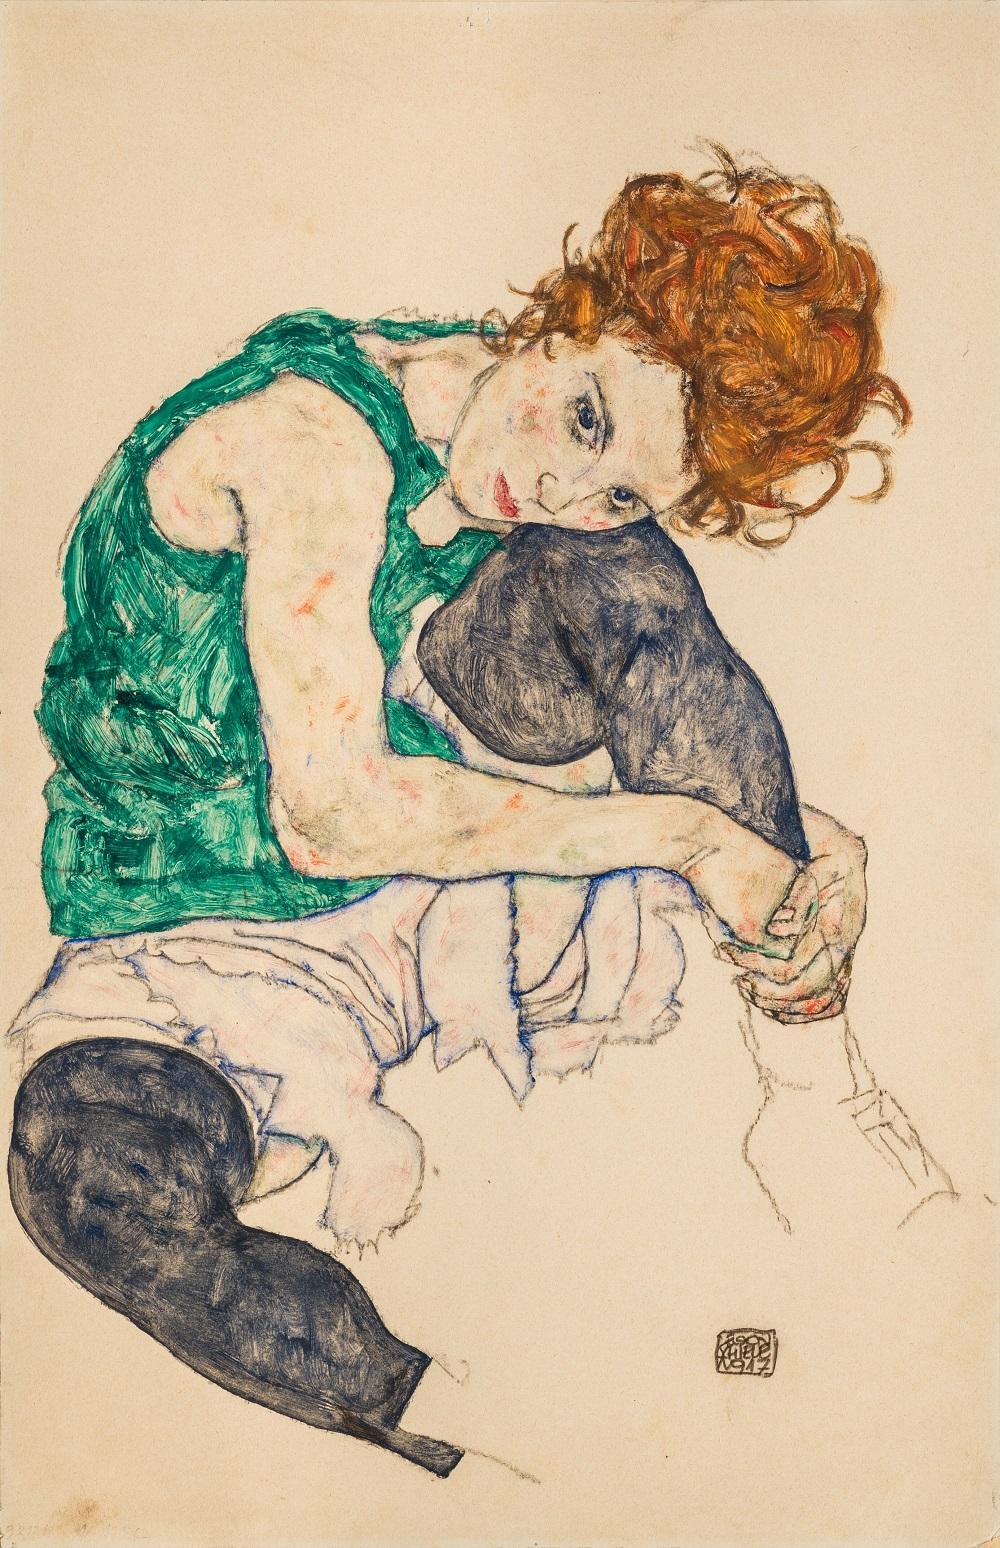 Egon Schiele / Sedící žena s pokrčenými koleny, 1917